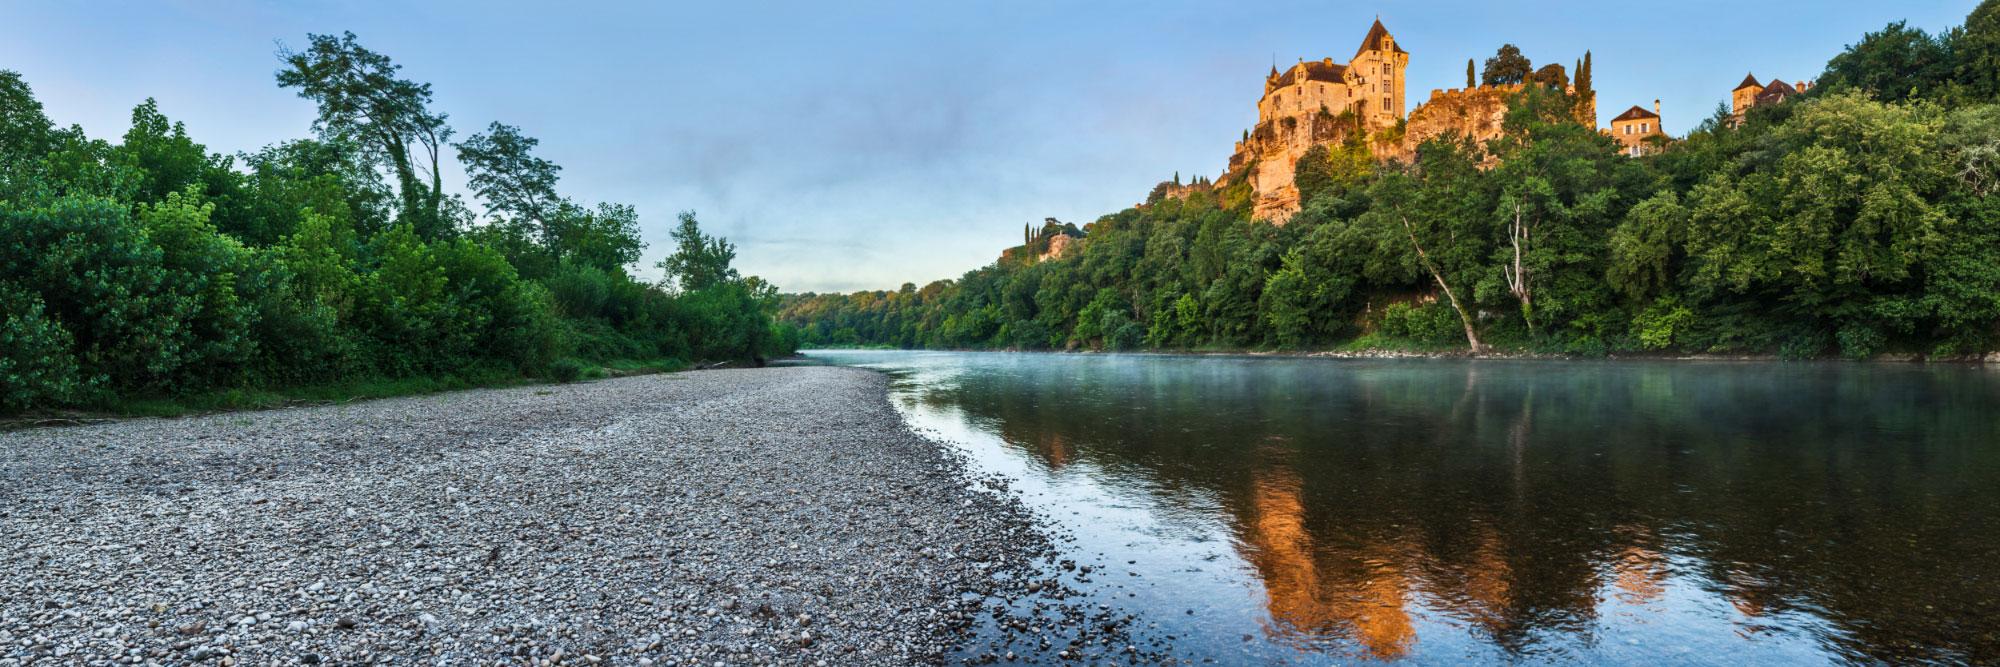 Reflet du château de Montfort dans la Dordogne